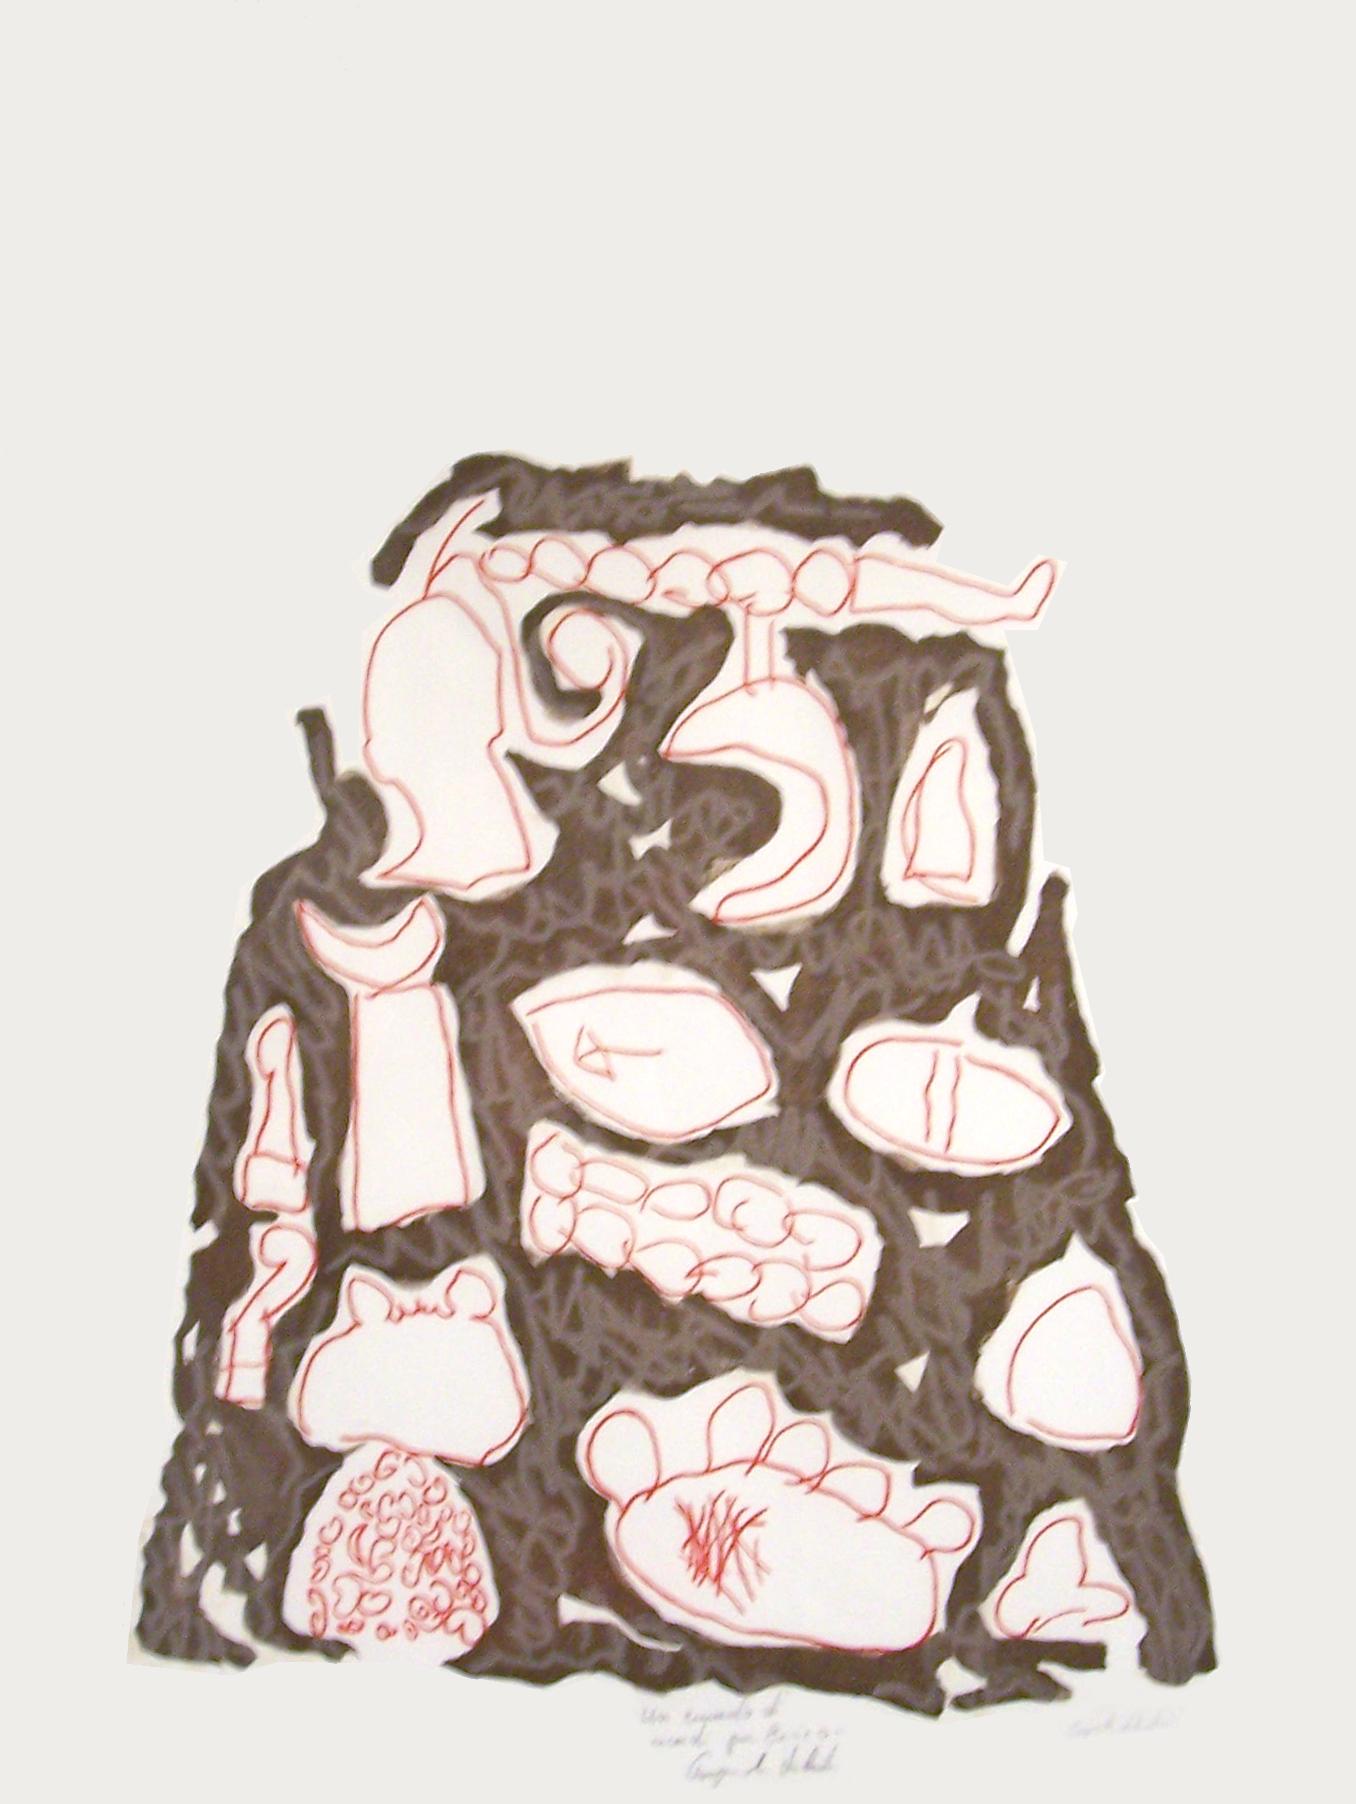 Liberatore Pasquale_Una montagna di ricordi_serigrafia_50 x 70 cm_hi_2